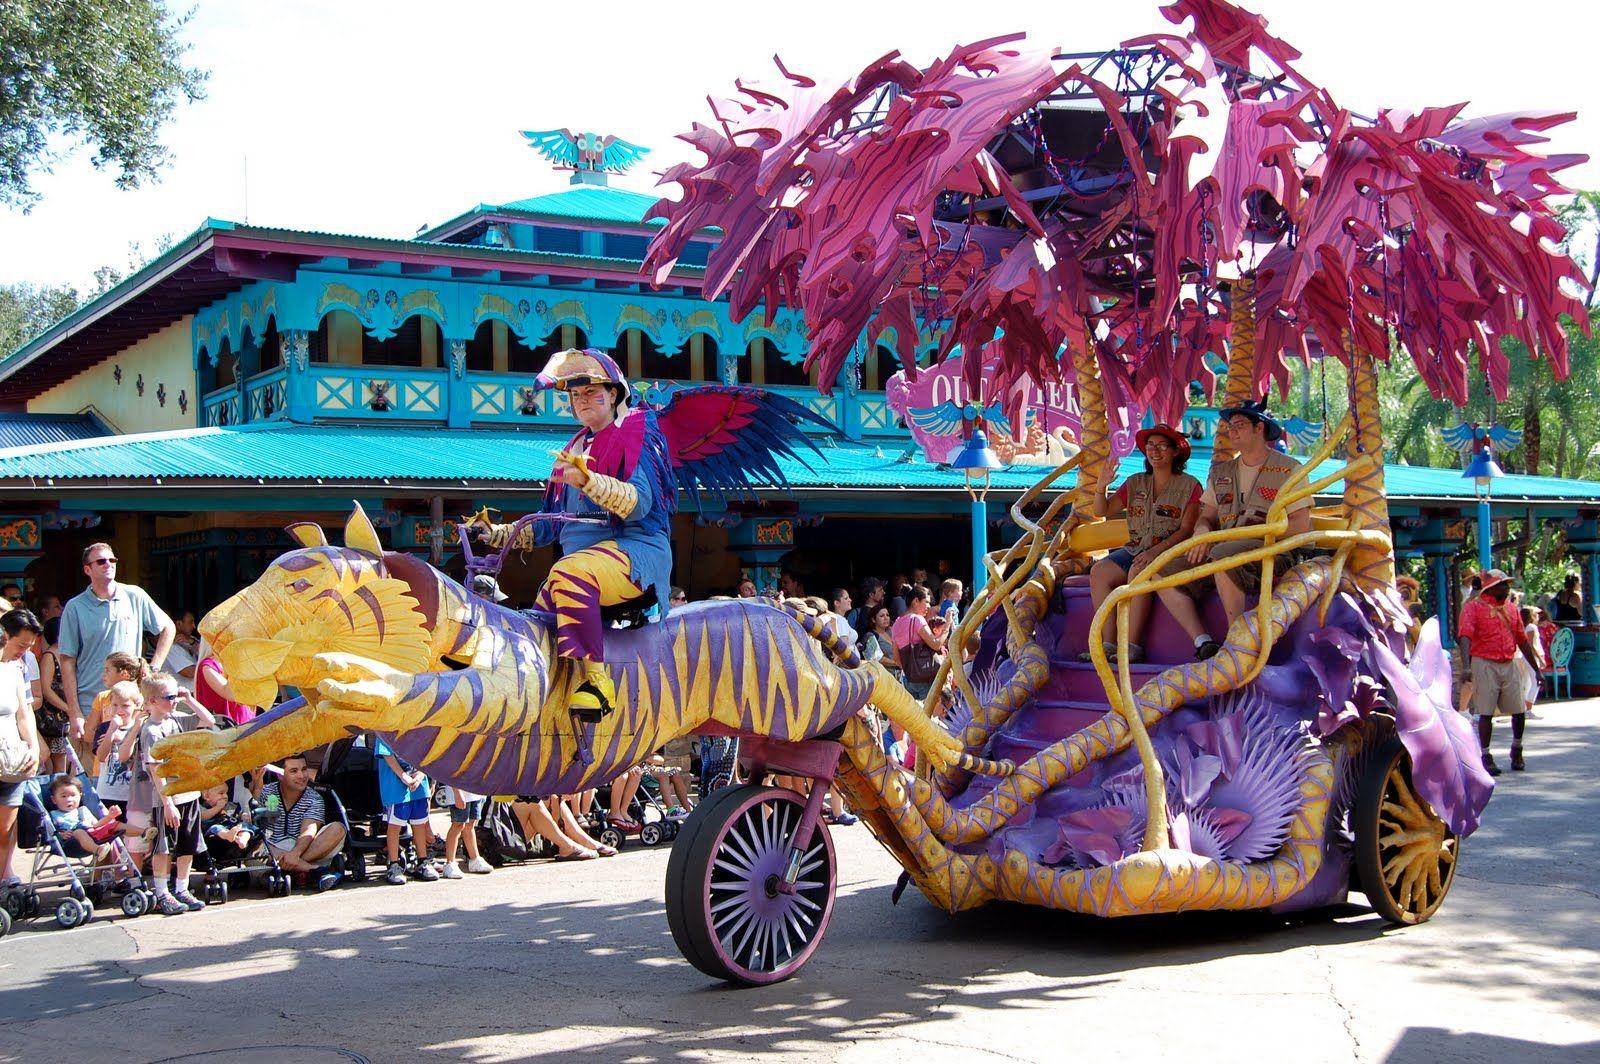 DisneyShawn Art + Animals = Artimals! Art, Animals